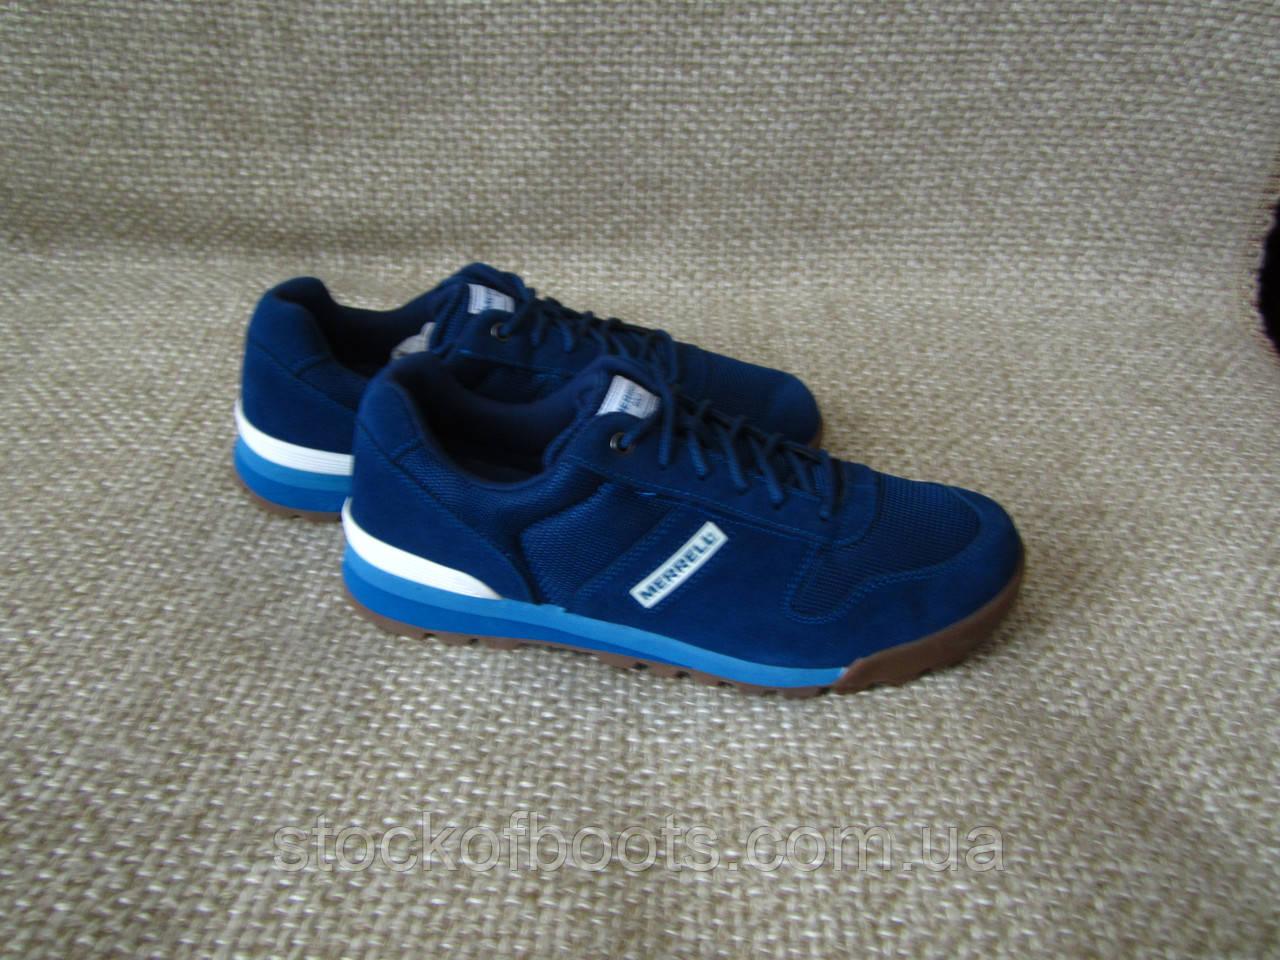 Кросівки замшеві нові оригінал Merrell Solo J91243 розмір 45 ... 930e68aa3b0a7